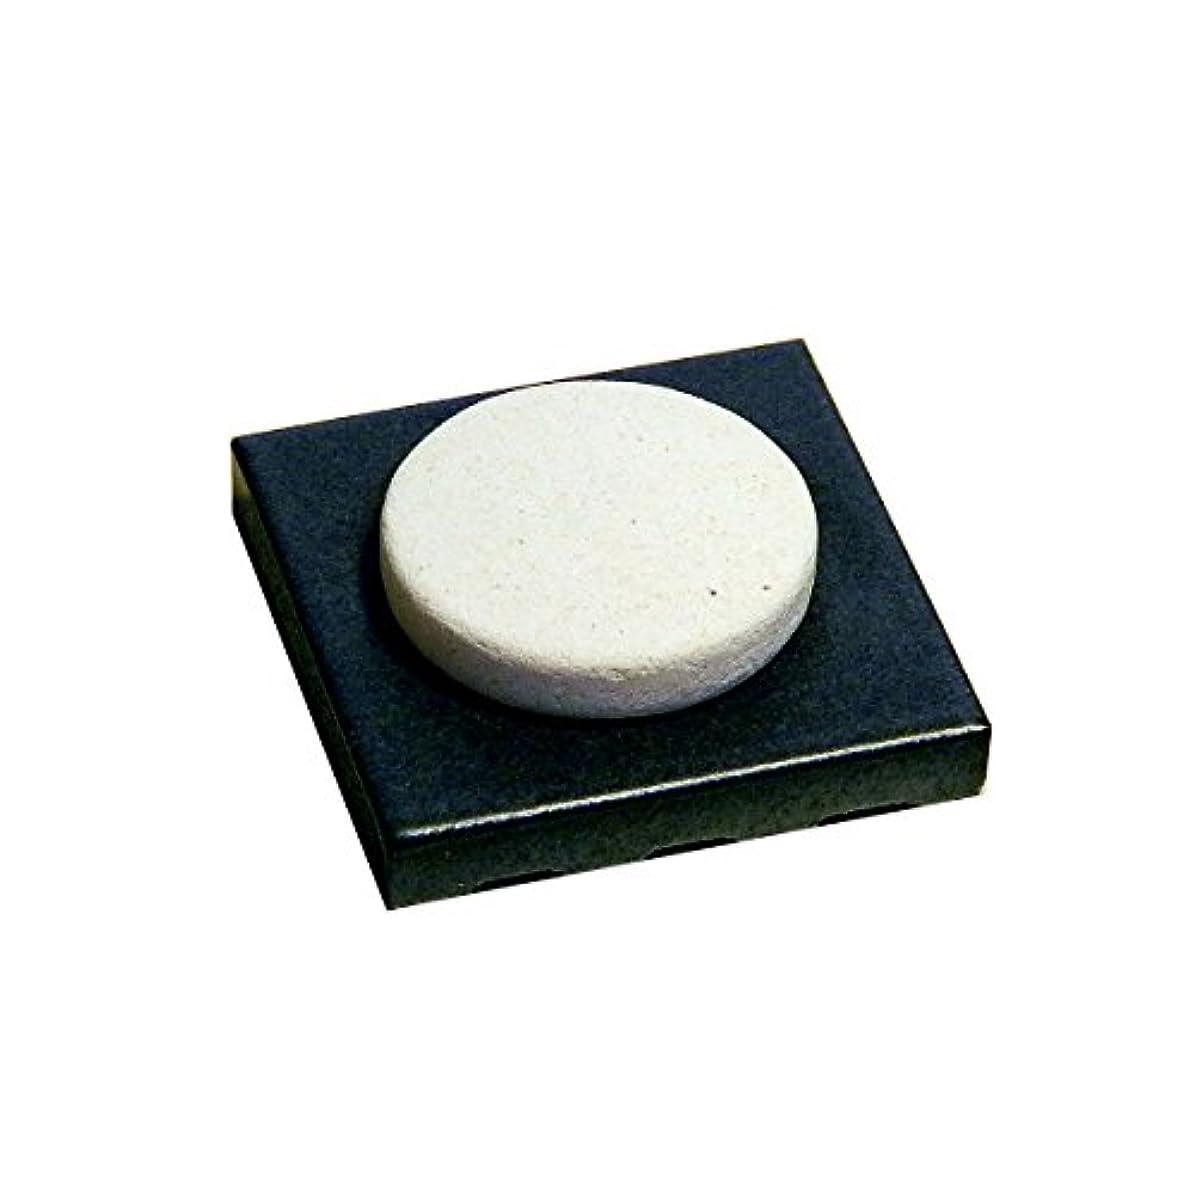 延ばす気晴らしブルーム〔立風屋〕珪藻土アロマプレート美濃焼タイルセット ブラック(黒) RPAP-01003-BK